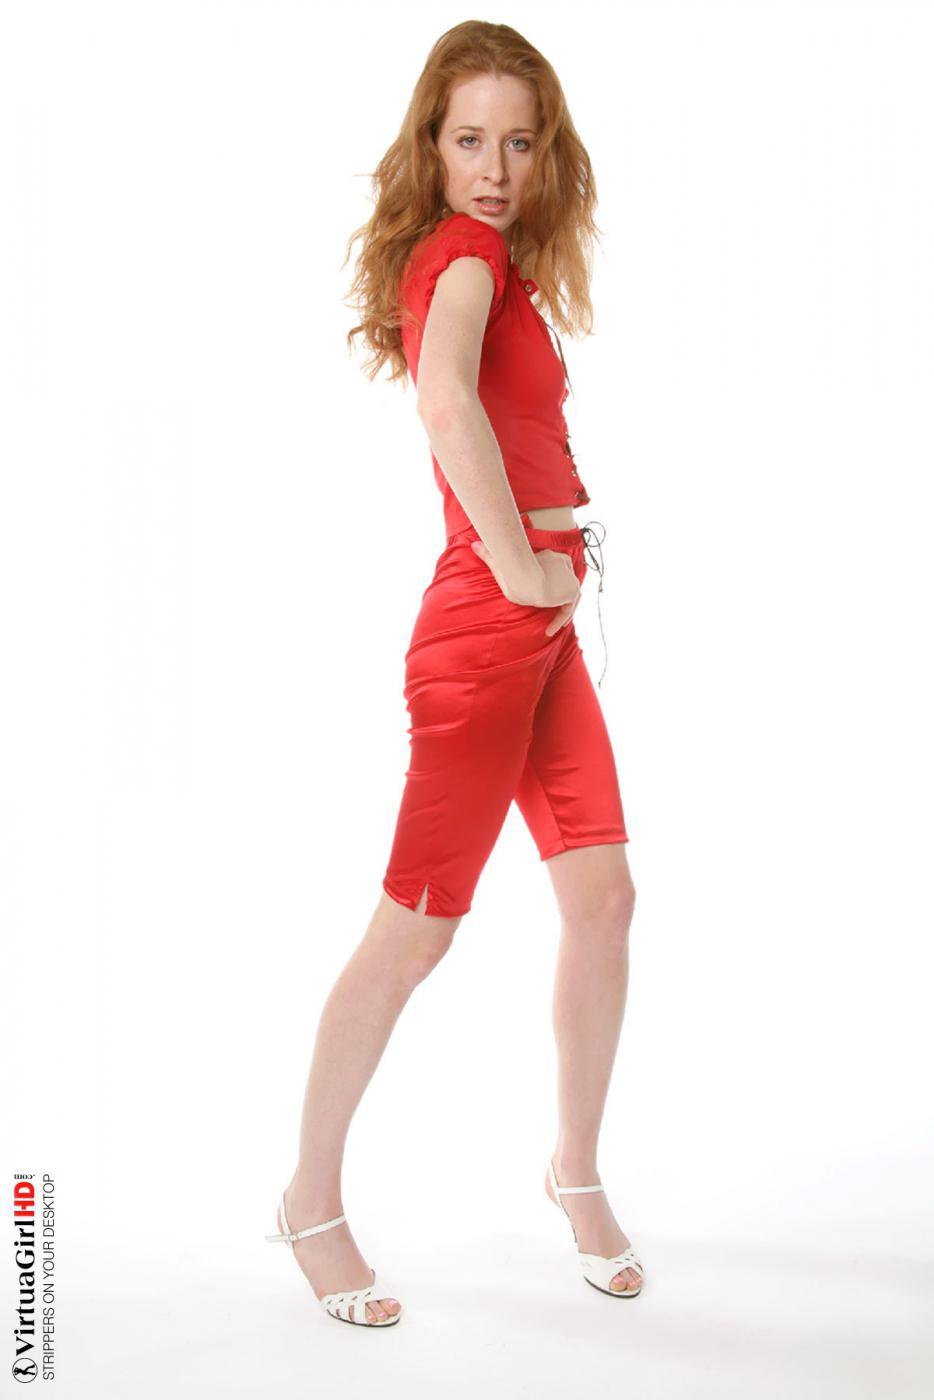 Роскошная Lucie T раздвигает ноги и светит